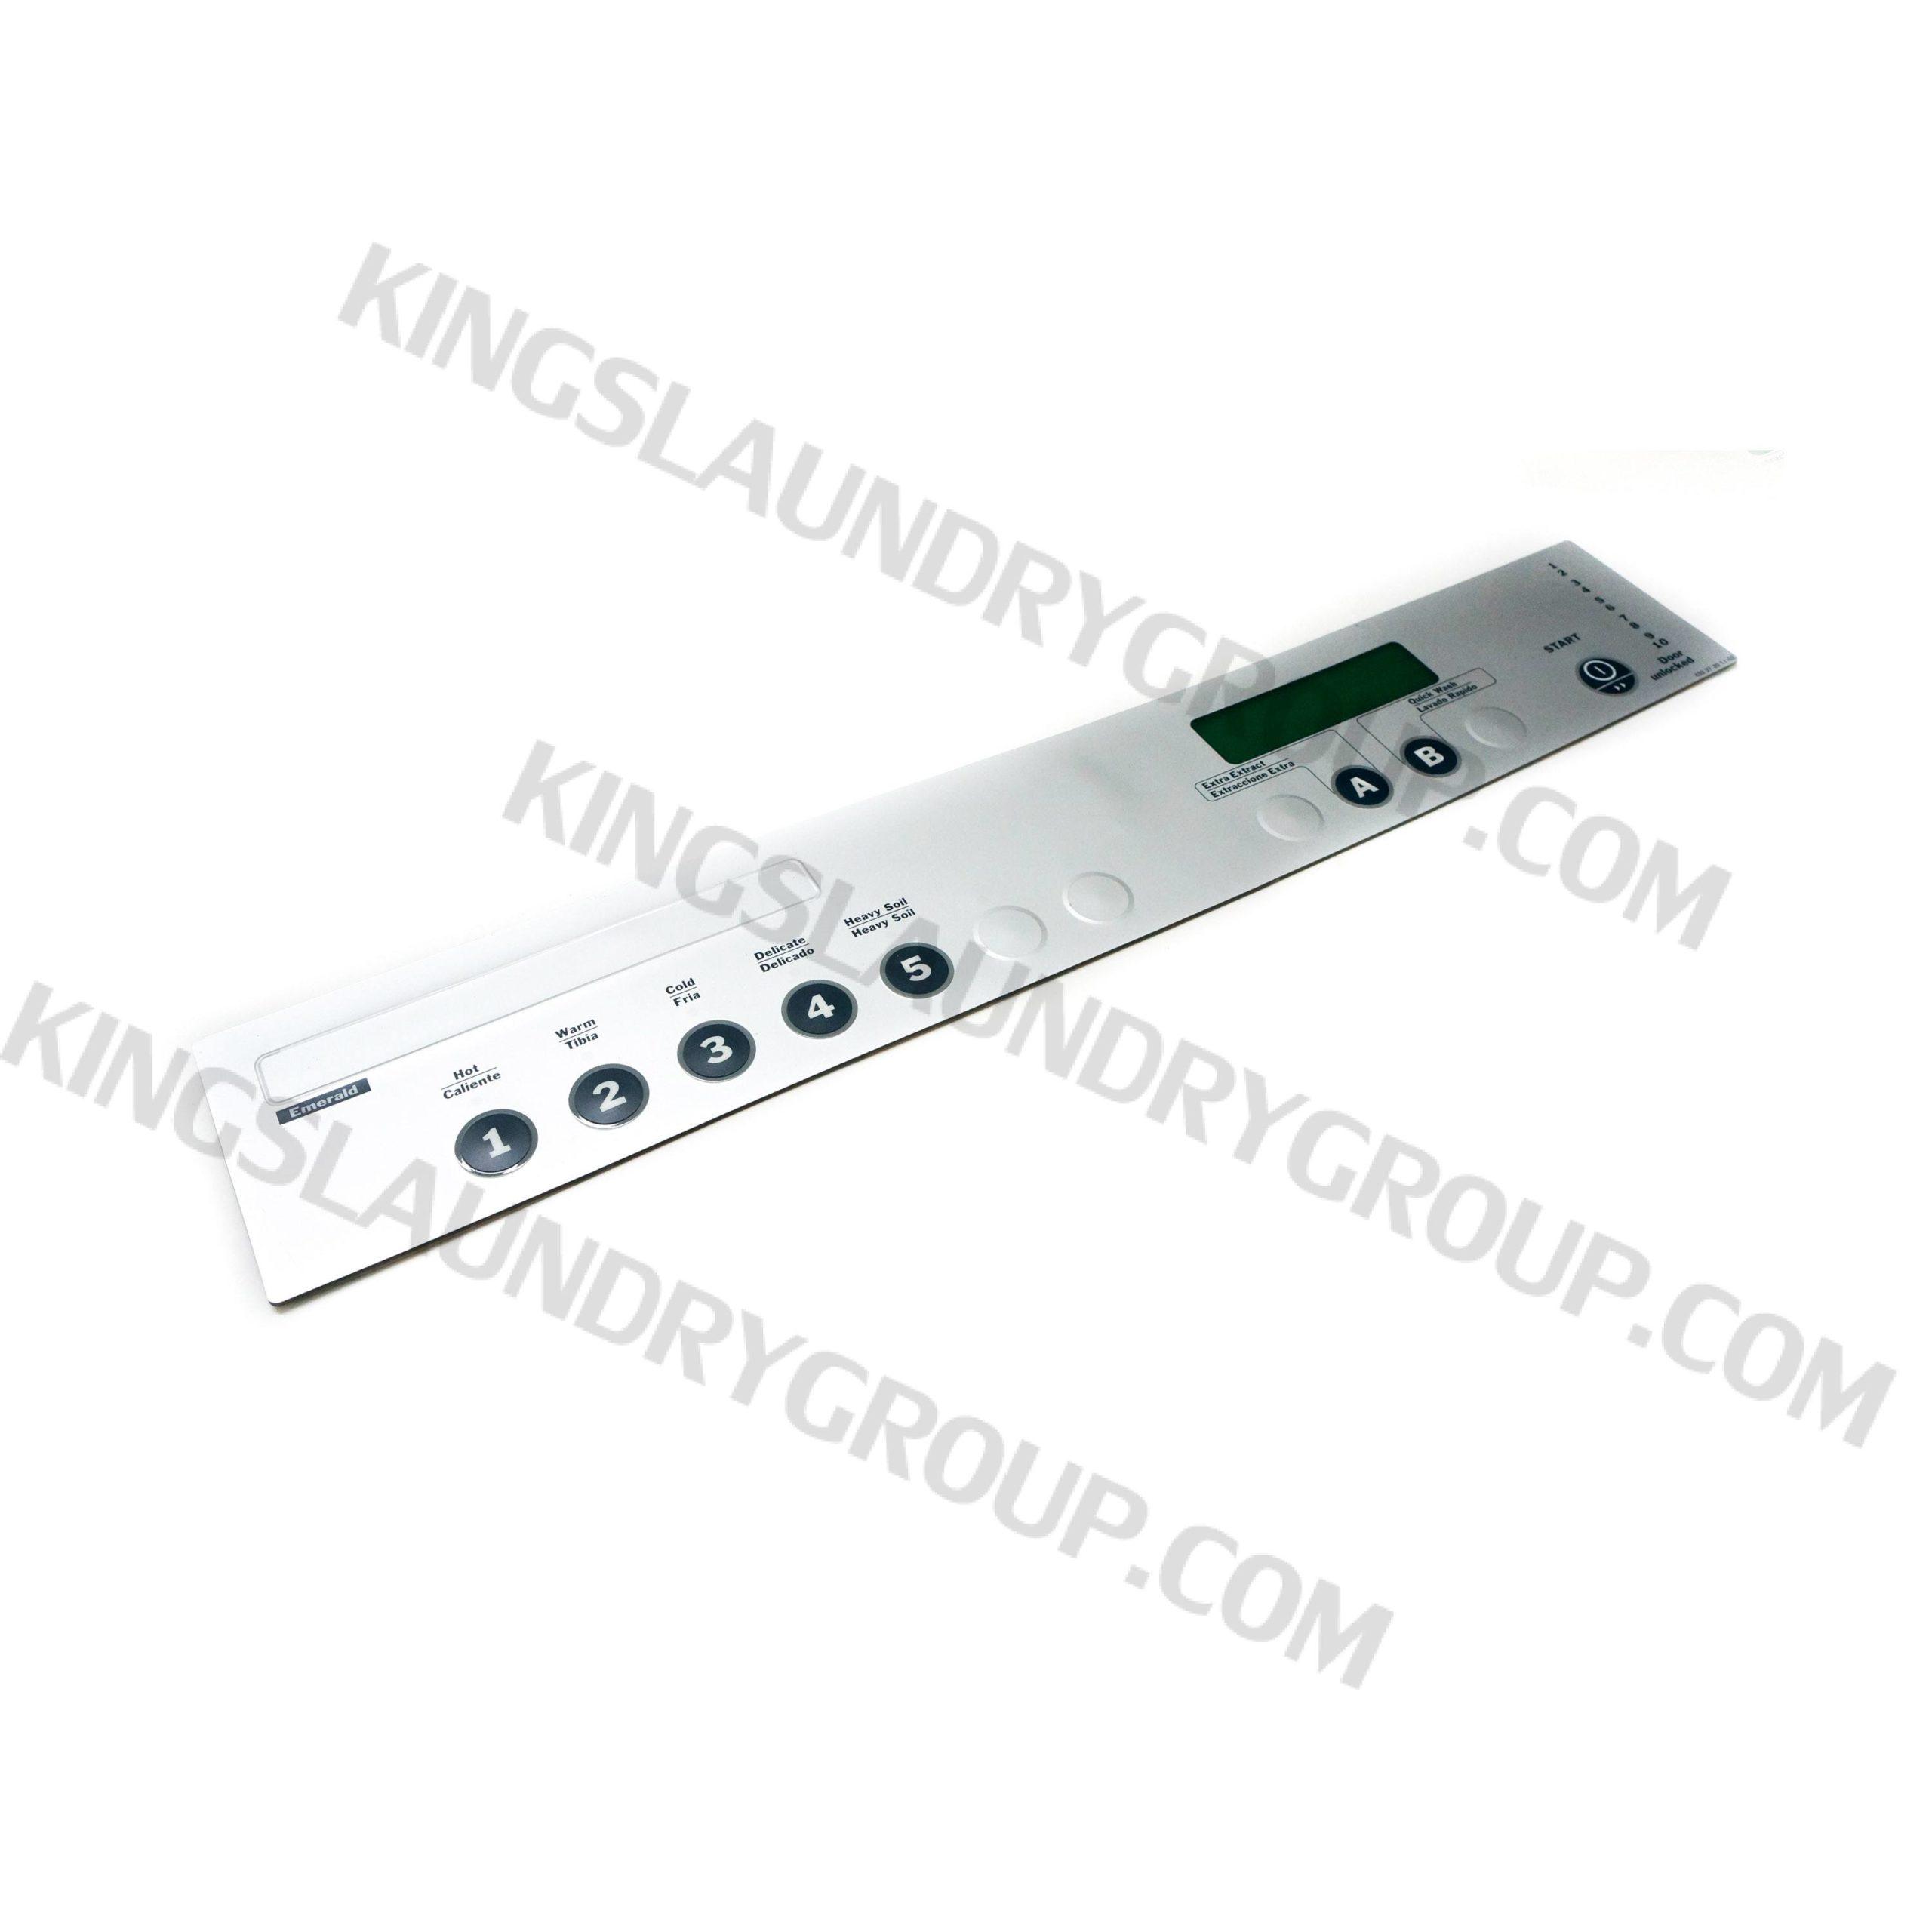 Wascomat # 272011 Keypad, Gen-6 ES (Y5B Timer)